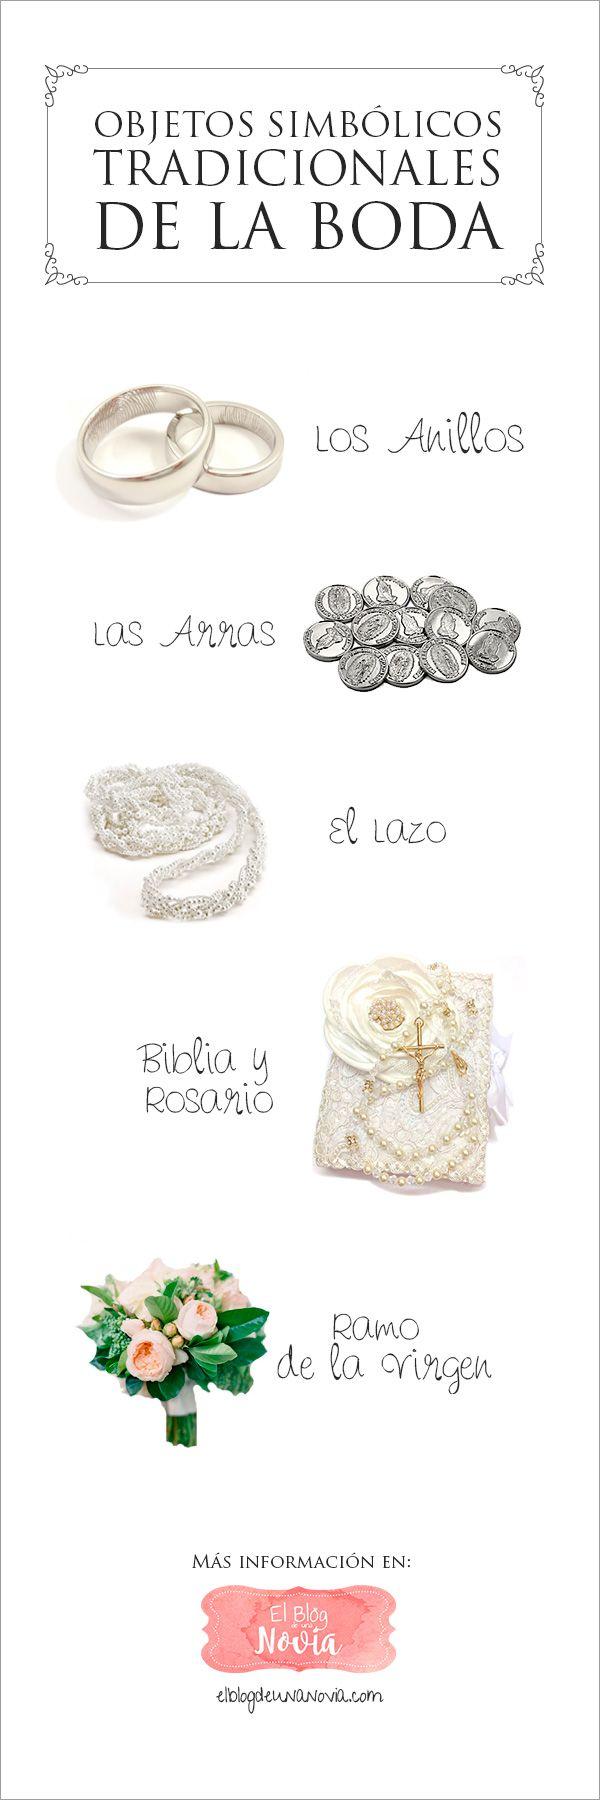 Objetos simbólicos tradicionales del matrimonio | El Blog de una Novia | #boda #novias